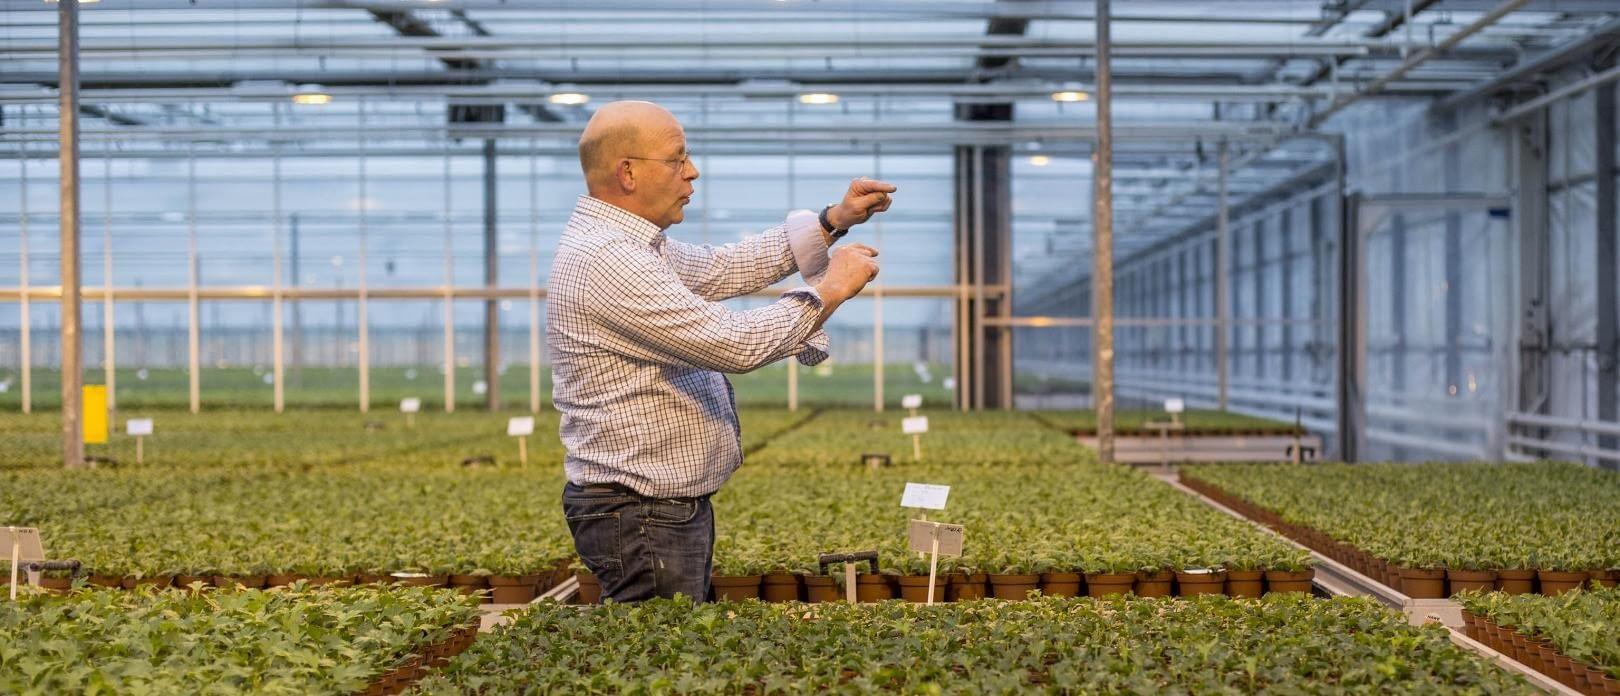 gids Aad Verduijn geeft uitleg over de glastuinbouw in een kas in het Westland